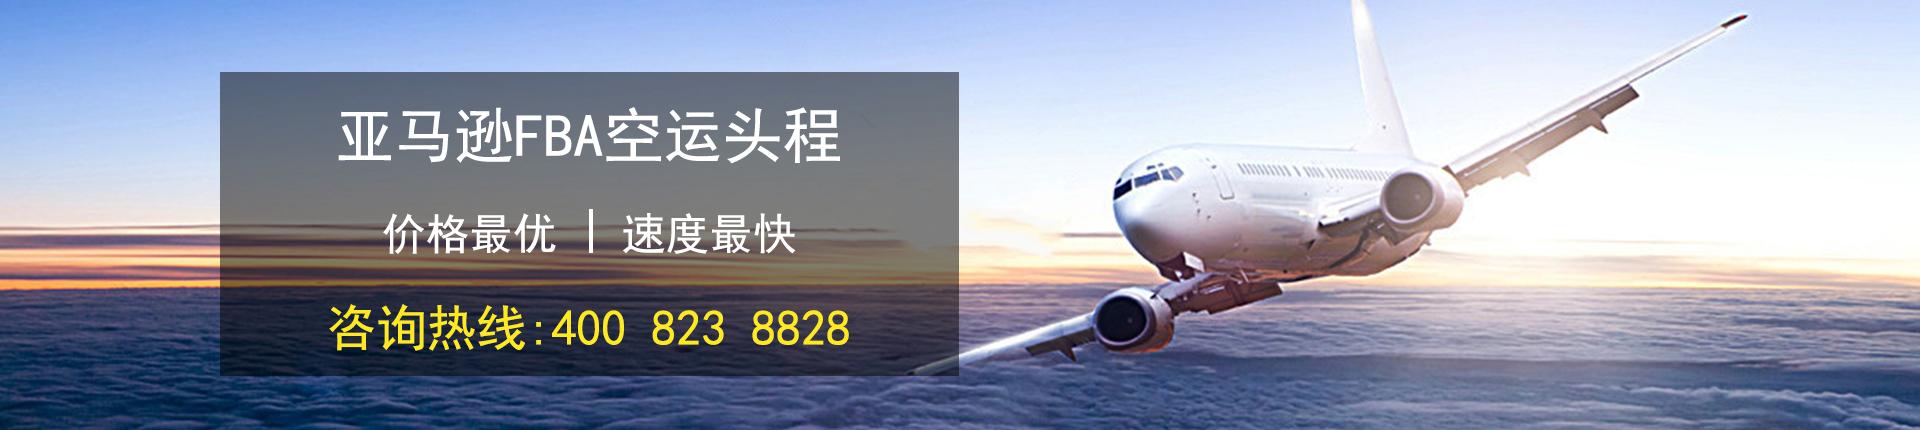 亚马逊FBA空运头程